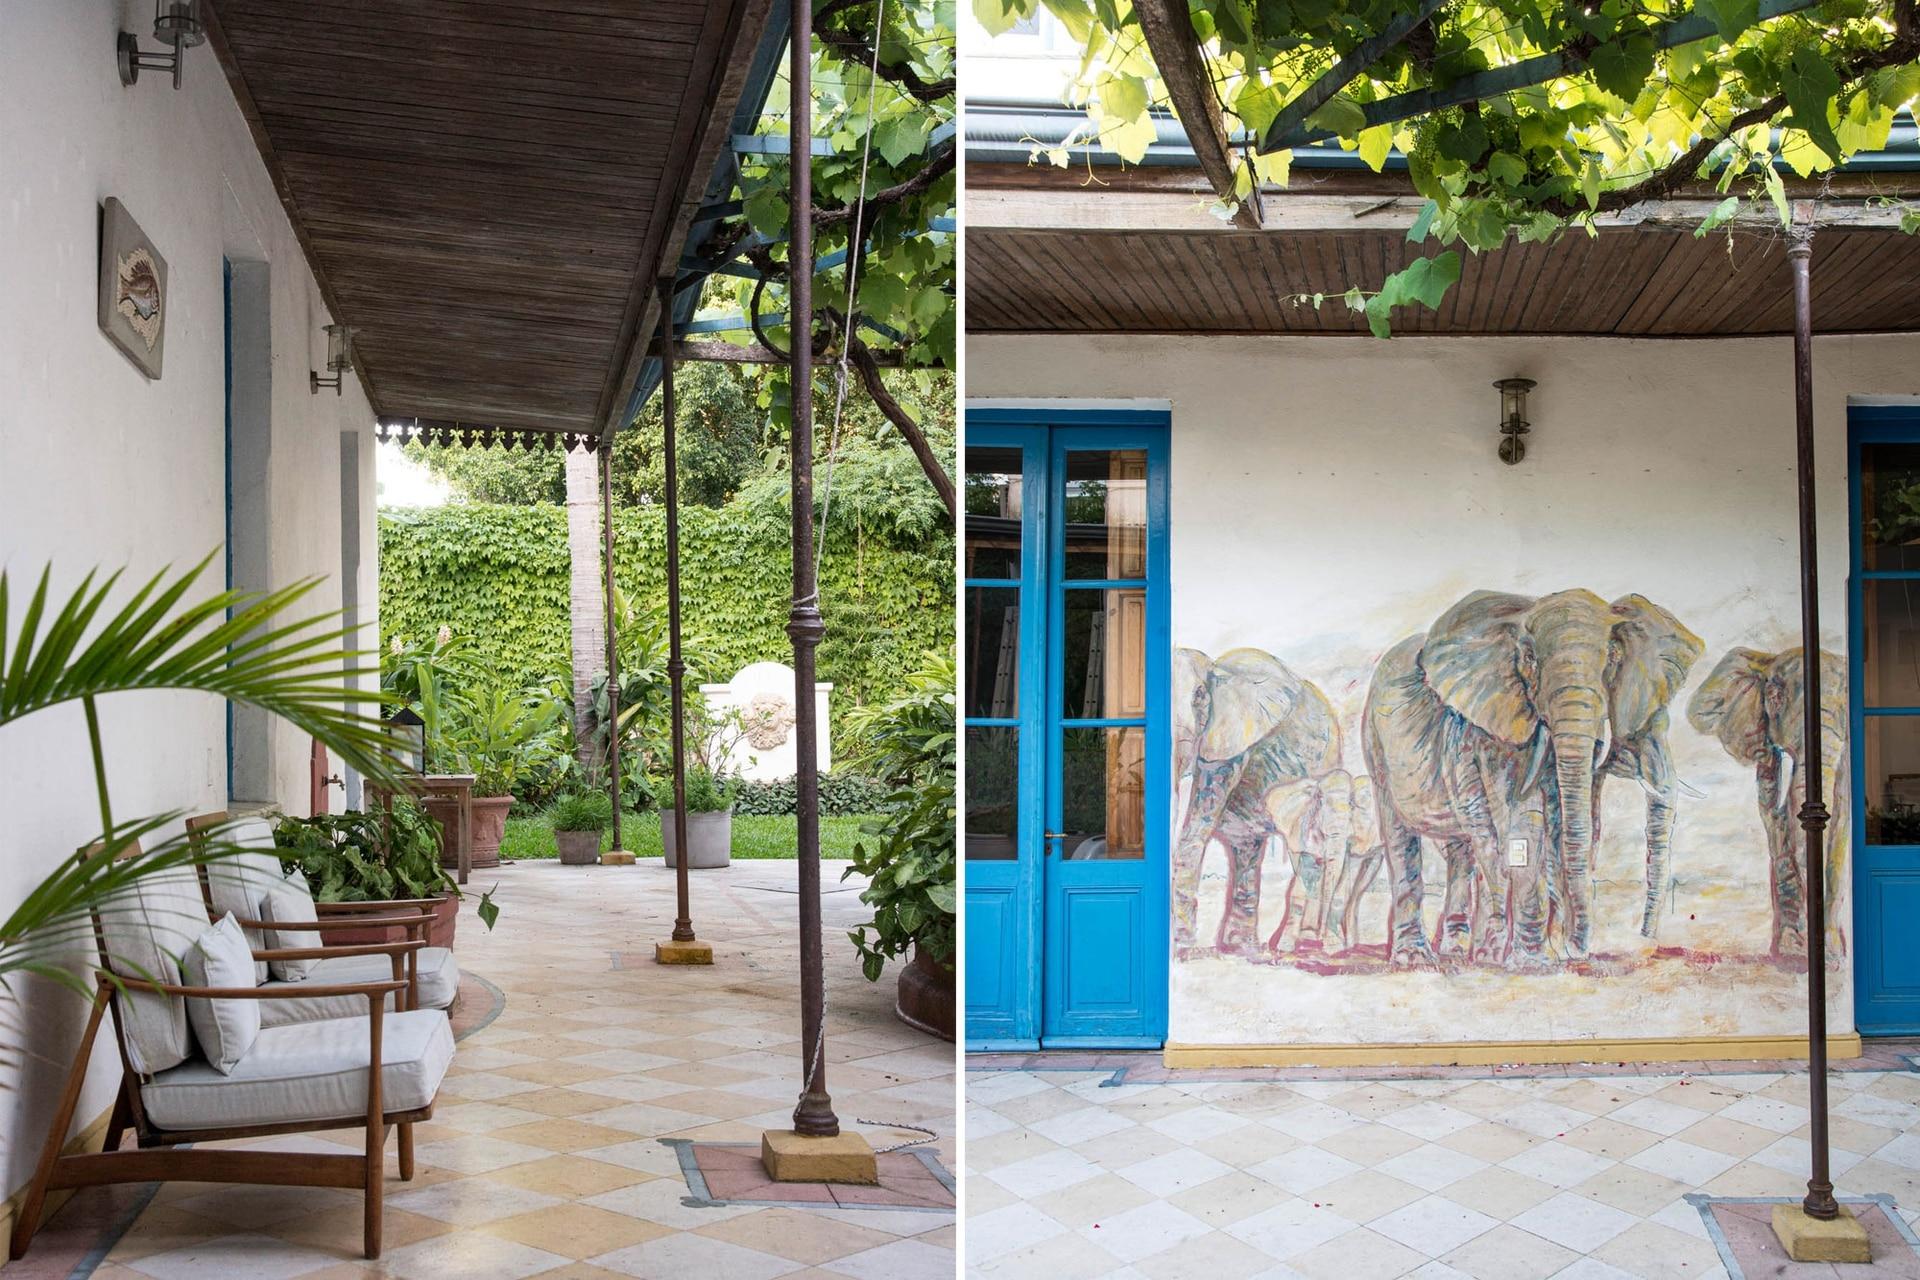 Izquierda: En la galería se ubicaron muebles de estilo retro para disfrutar del verde. Derecha: El mural de los elefantes realizado por Bernardo Ezcurra da a esta galería un toque original y de sorpresa.